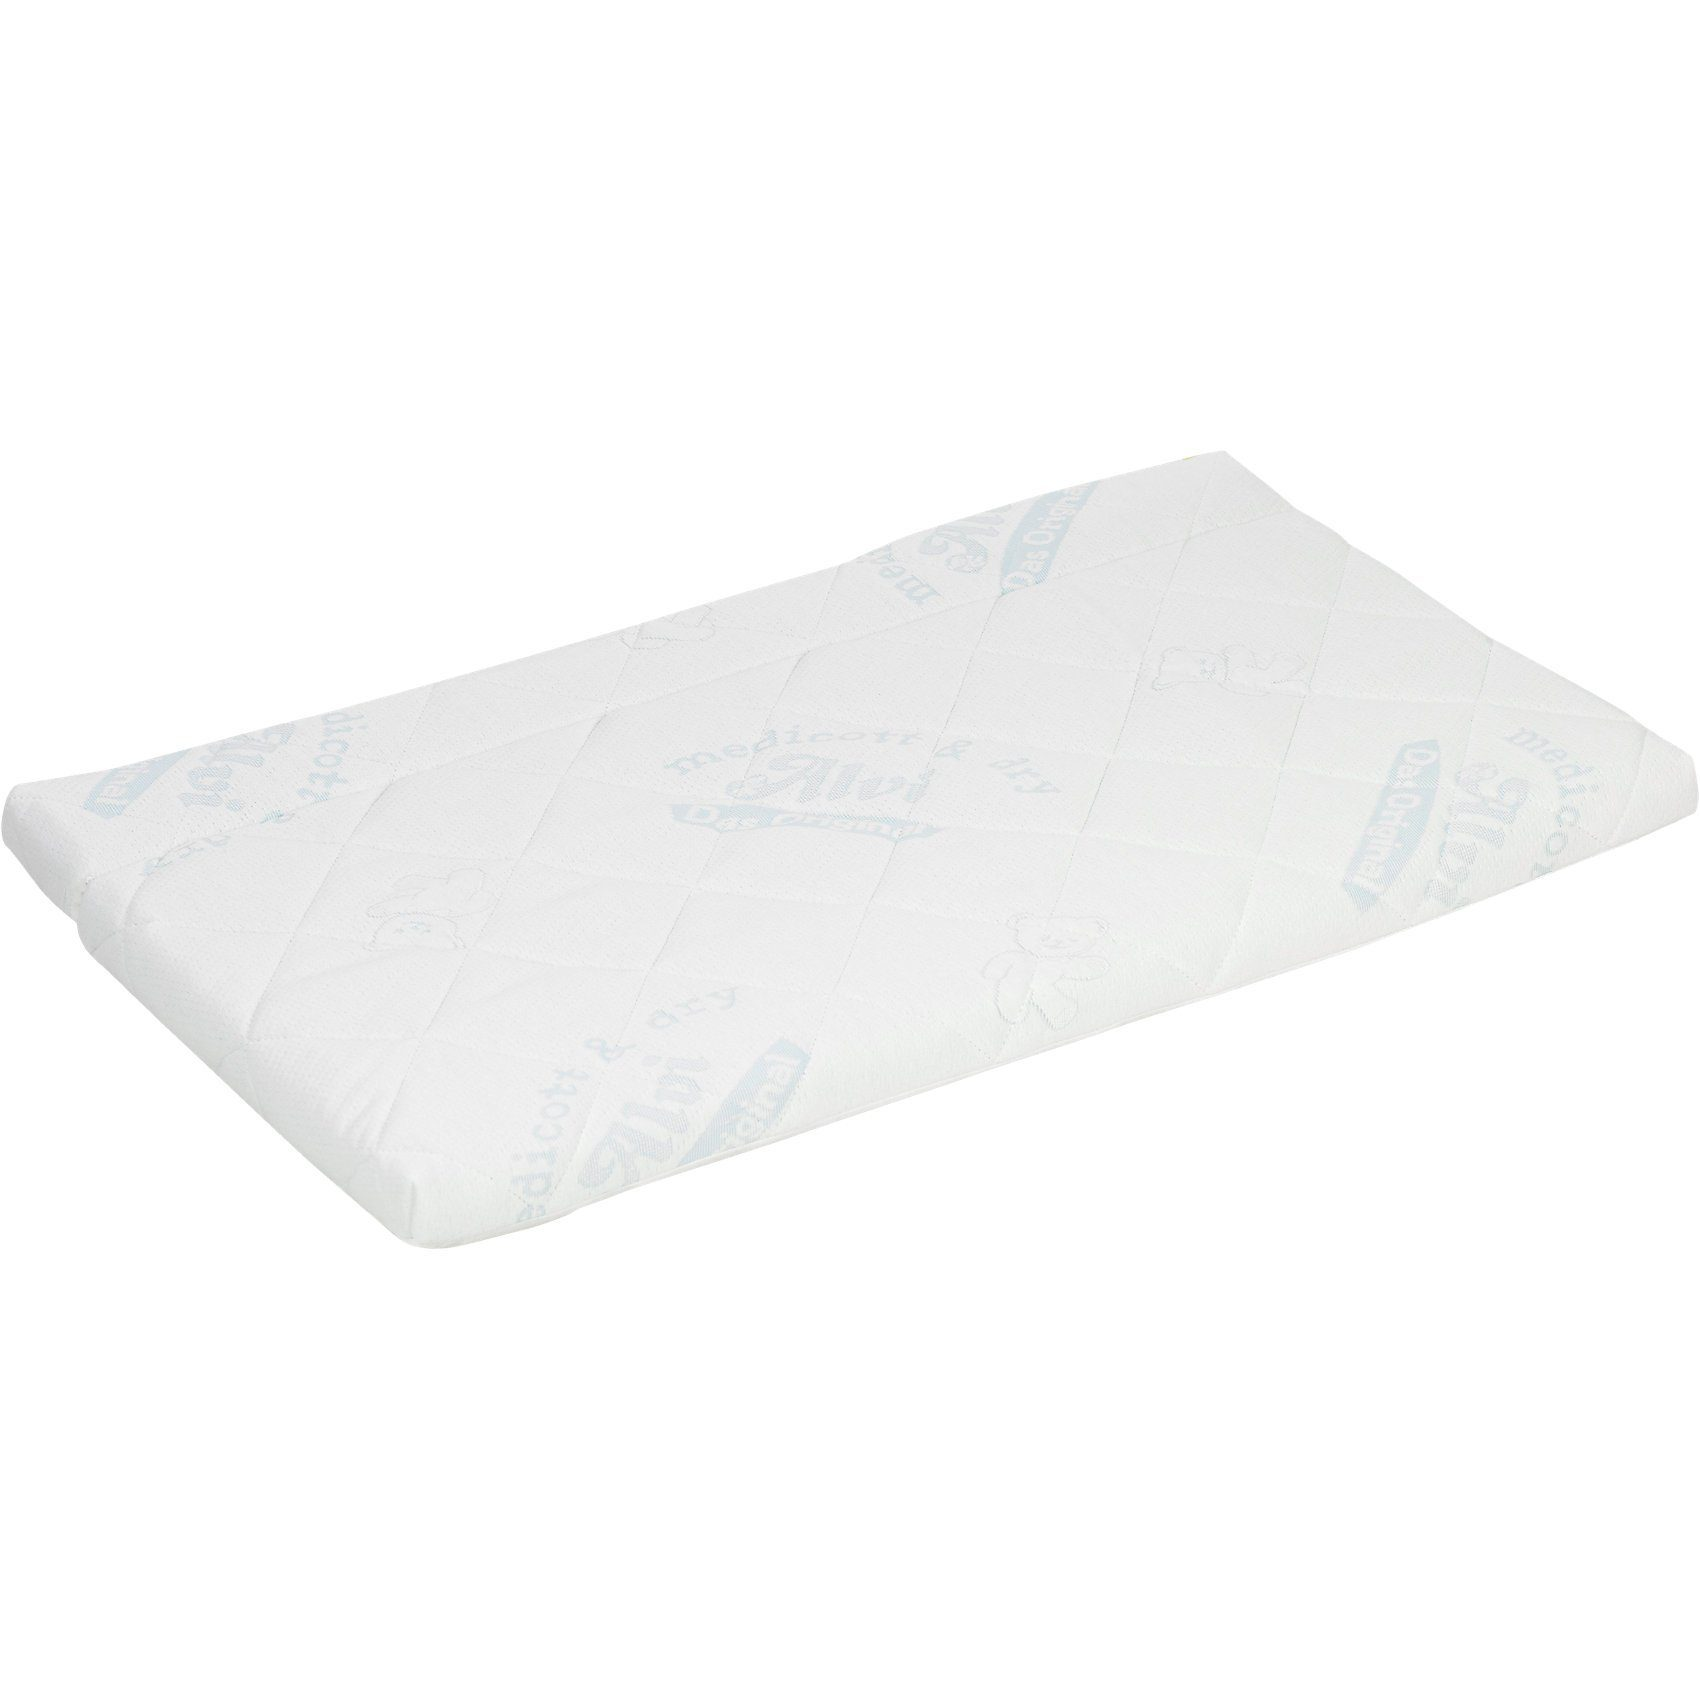 Alvi Baby Matratze Klima Max für Beistellbett, klappbar, 40/50 x